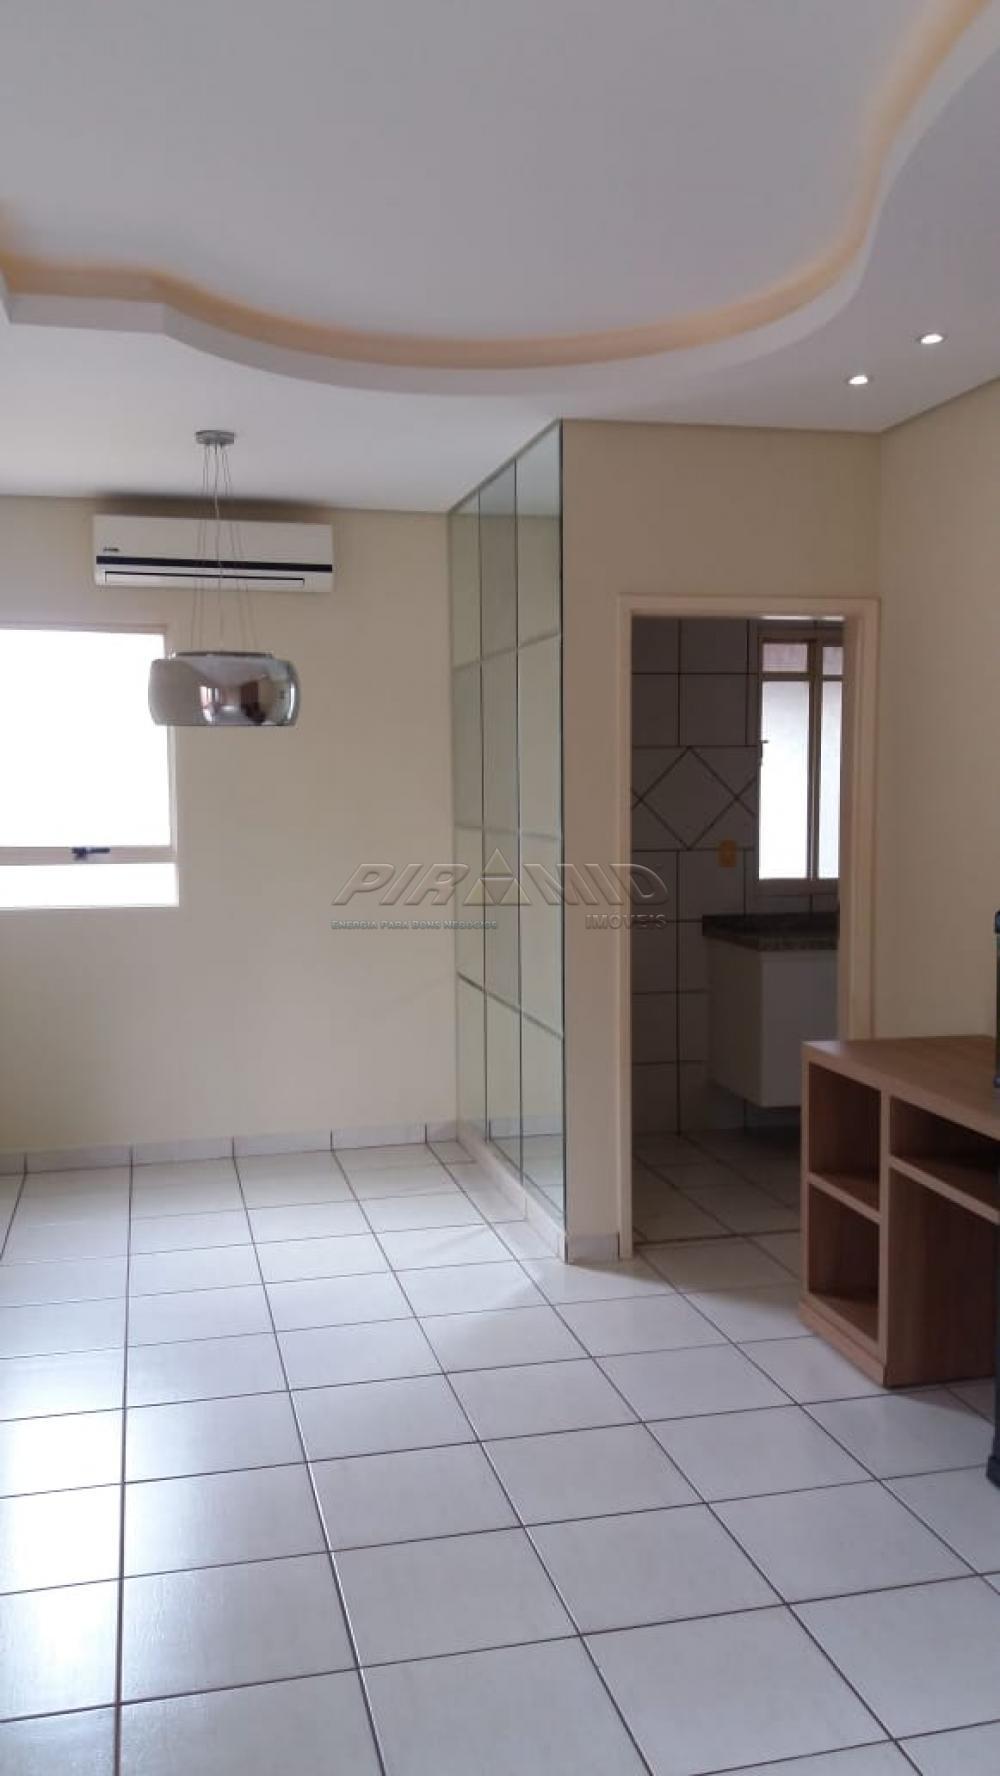 Comprar Casa / Condomínio em Ribeirão Preto apenas R$ 350.000,00 - Foto 4